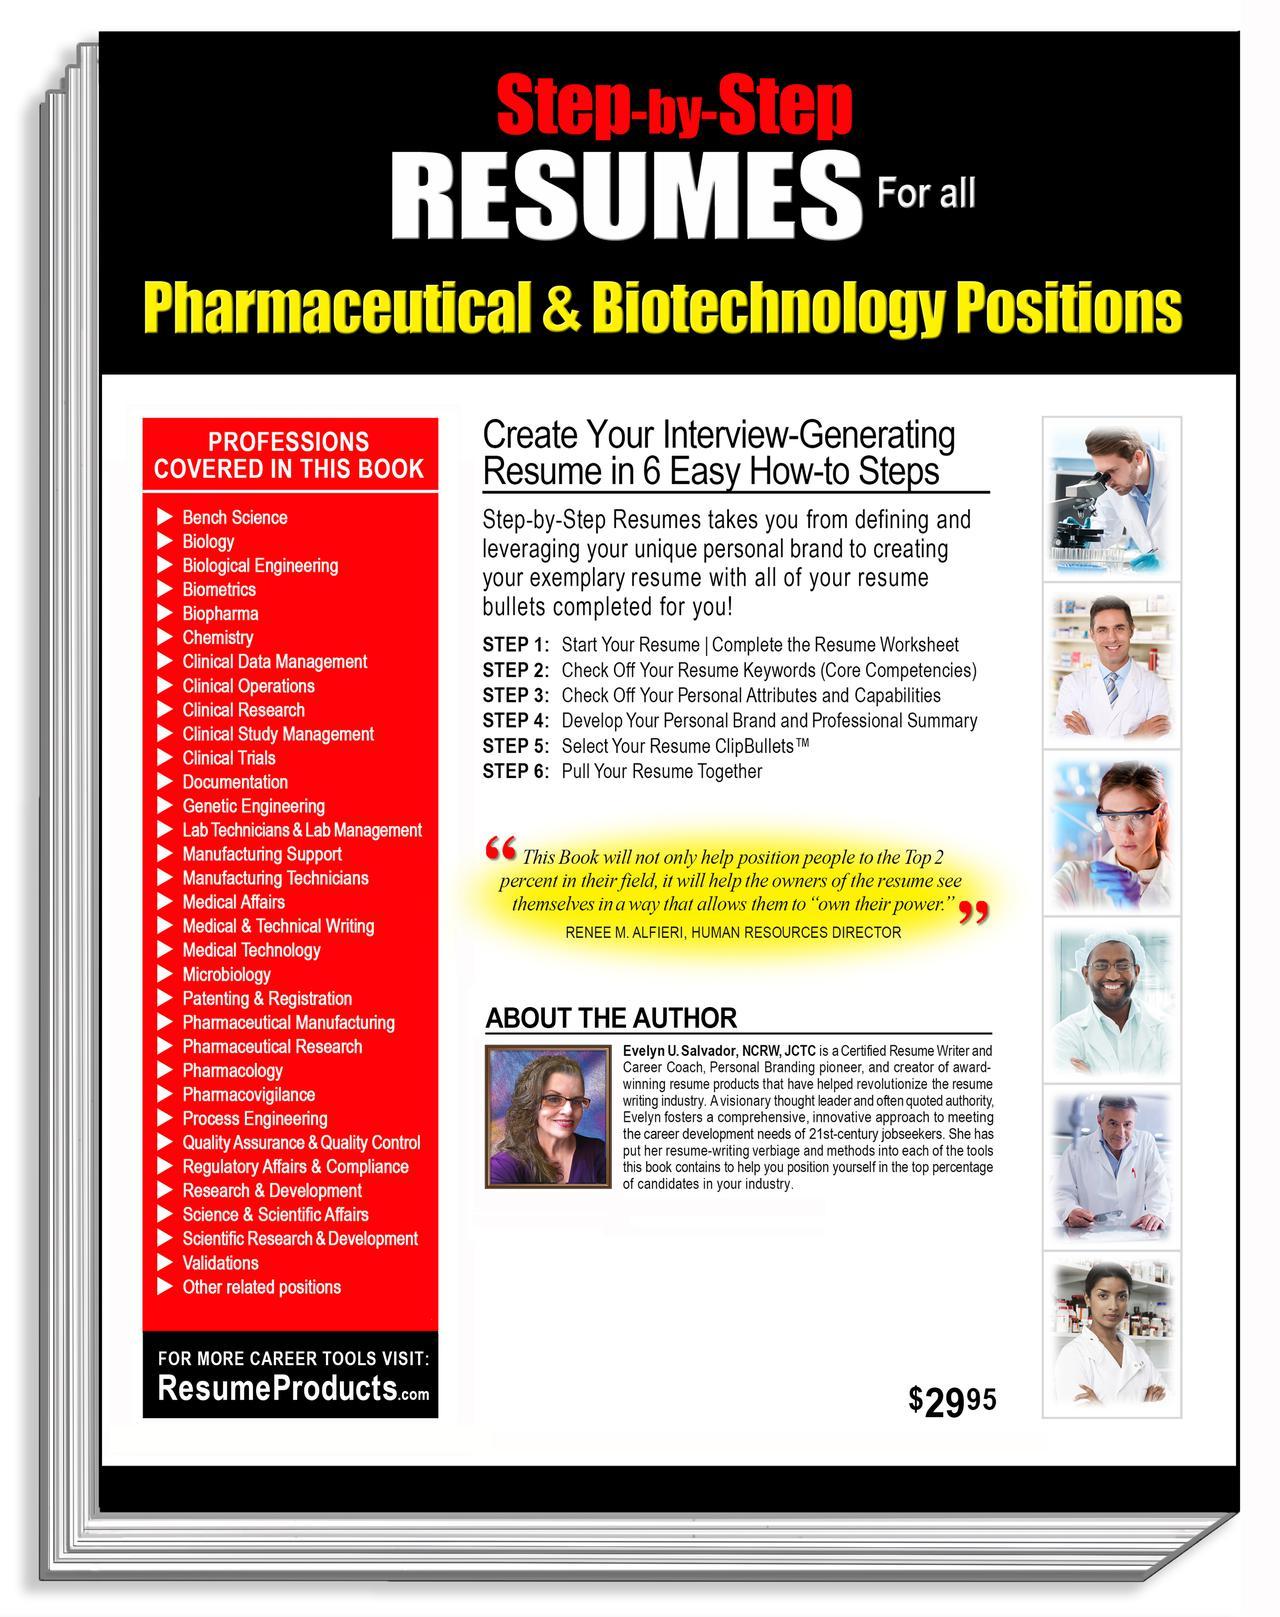 pharma & biotech bc.jpg